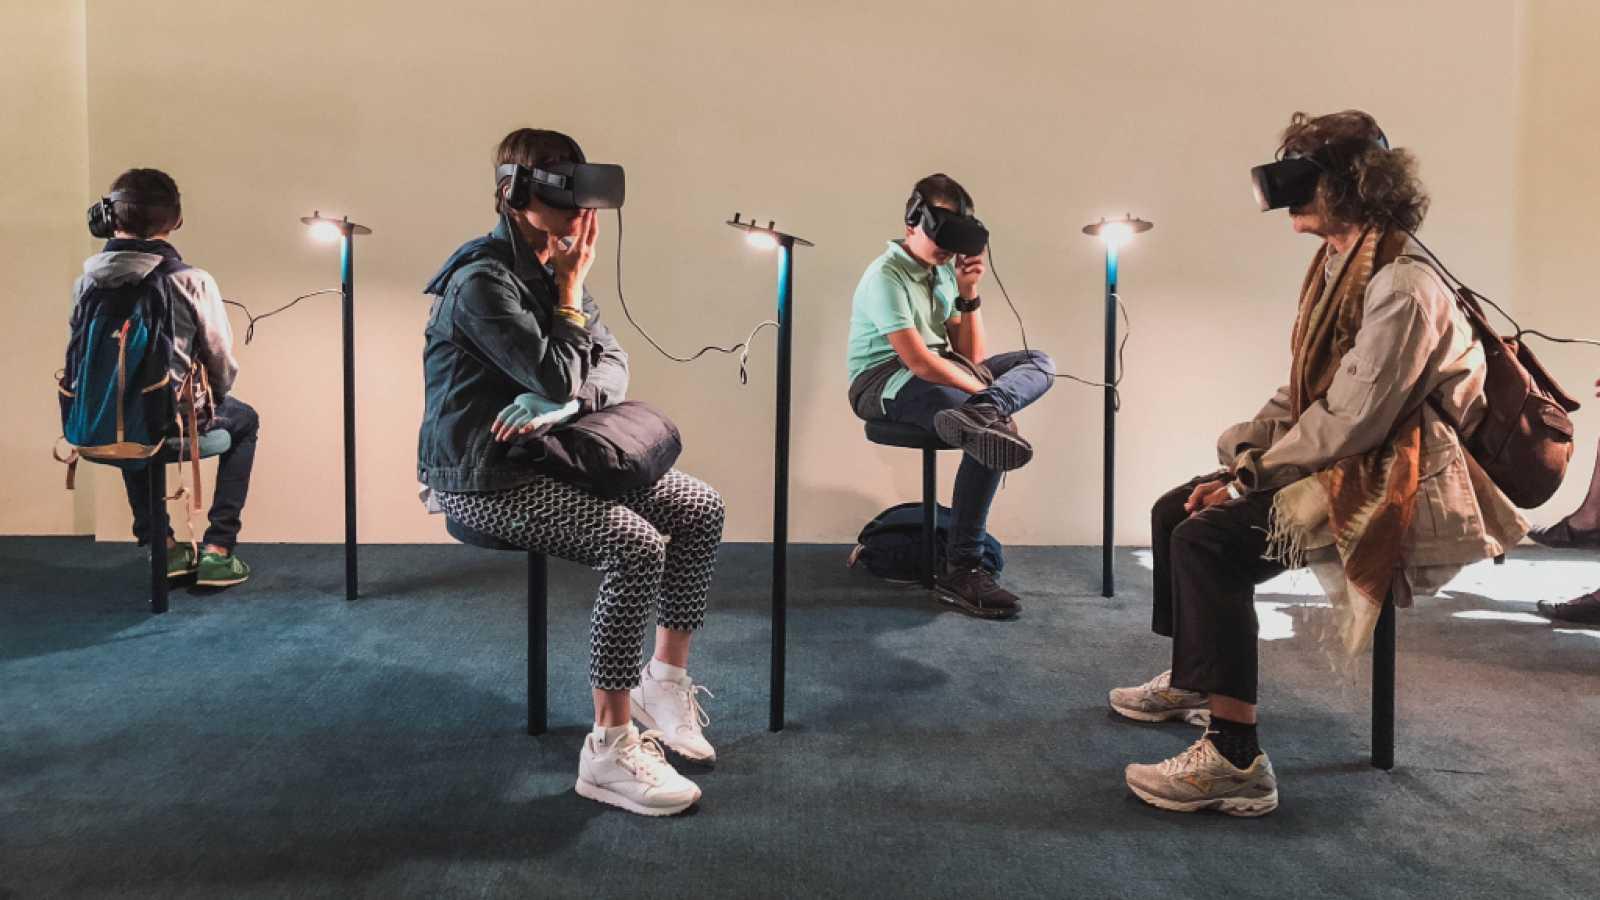 Viajes de realidad virtual: la alternativa segura en tiempos de pandemia